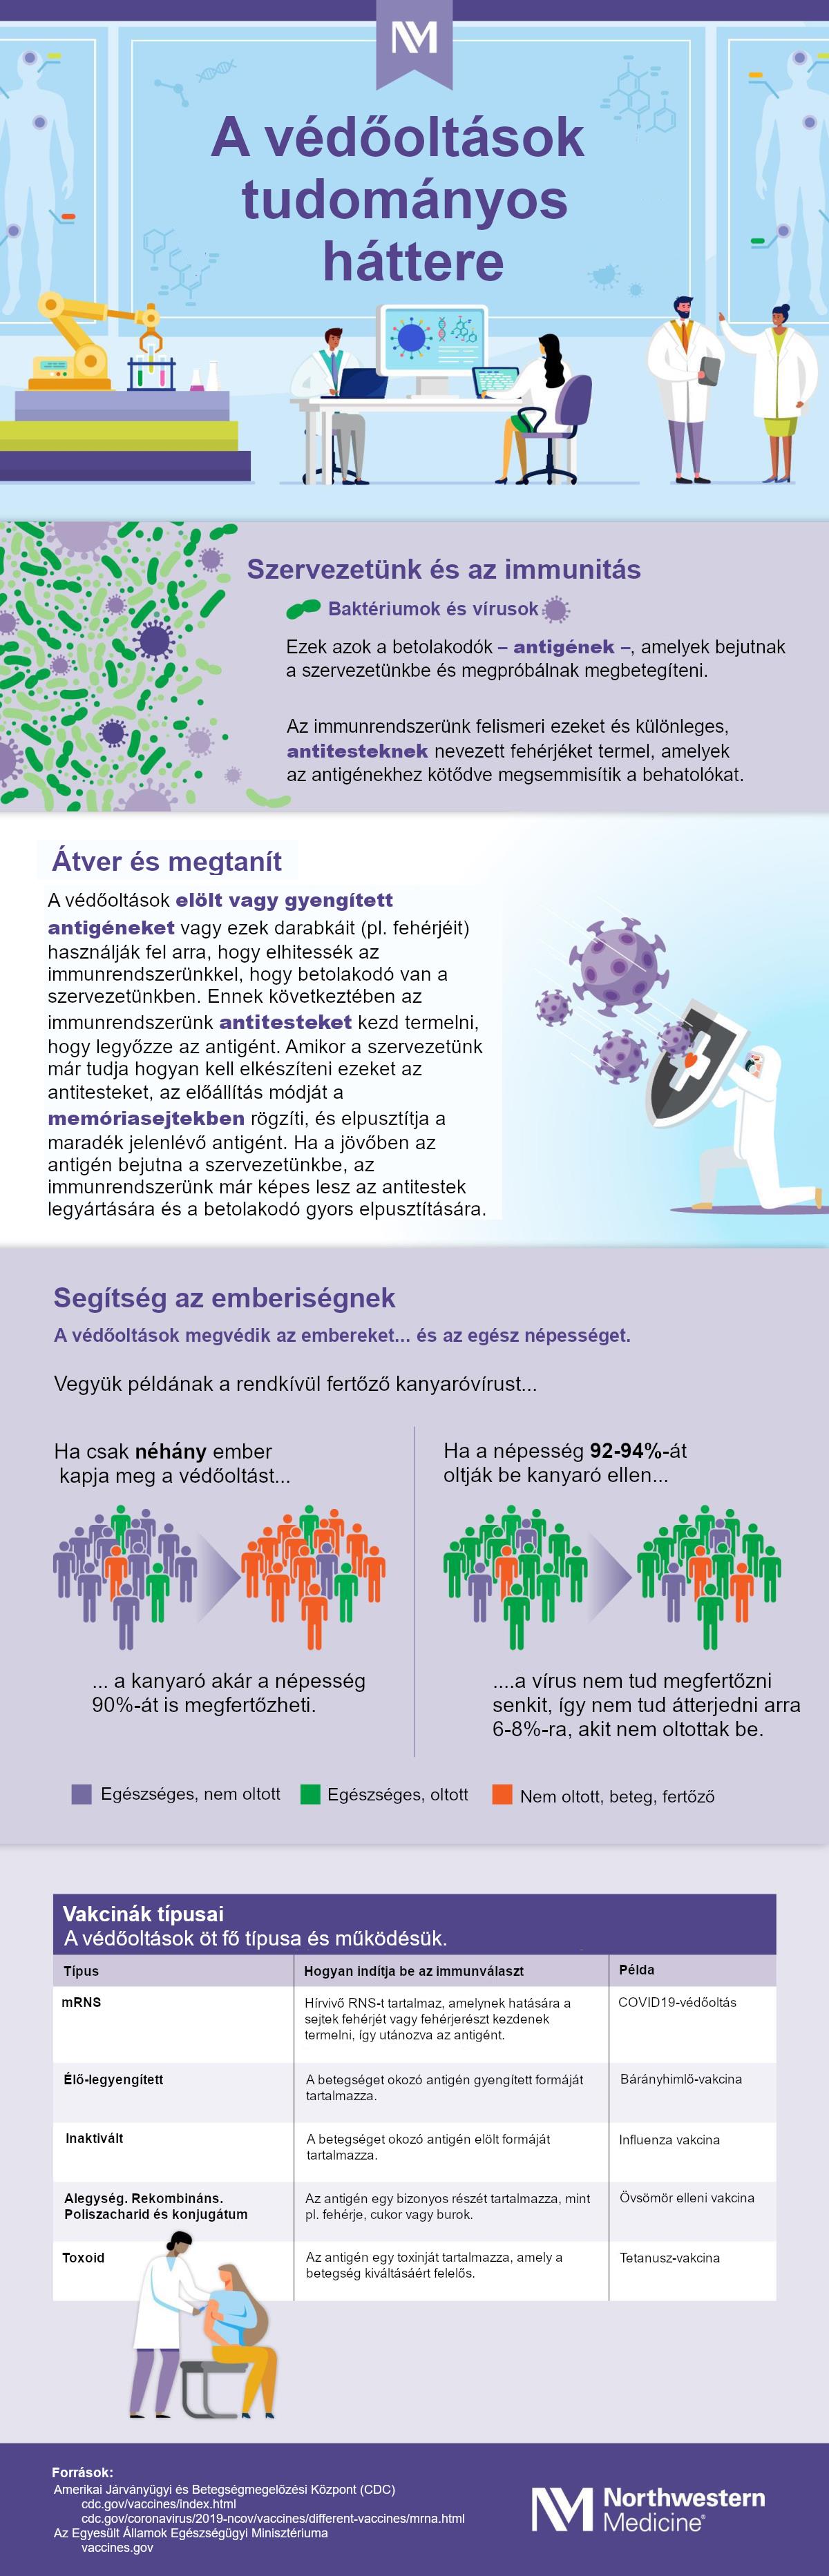 A különböző védőoltások összehasonlítása